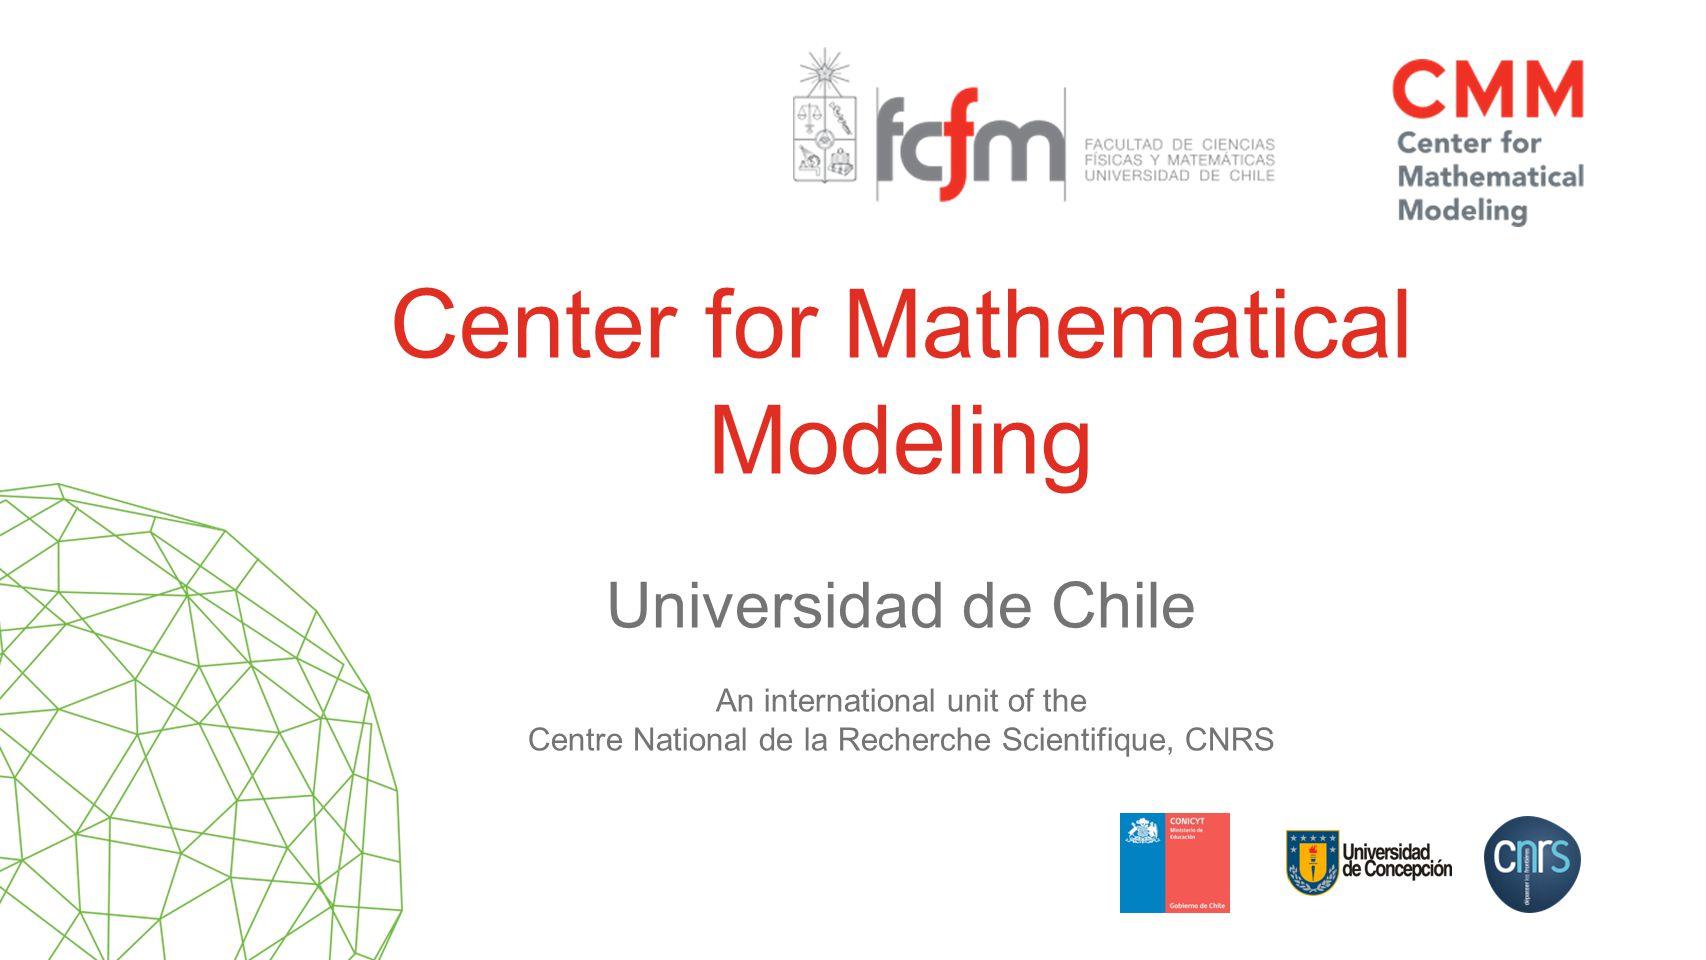 Universidad de Chile An international unit of the Centre National de la Recherche Scientifique, CNRS Center for Mathematical Modeling